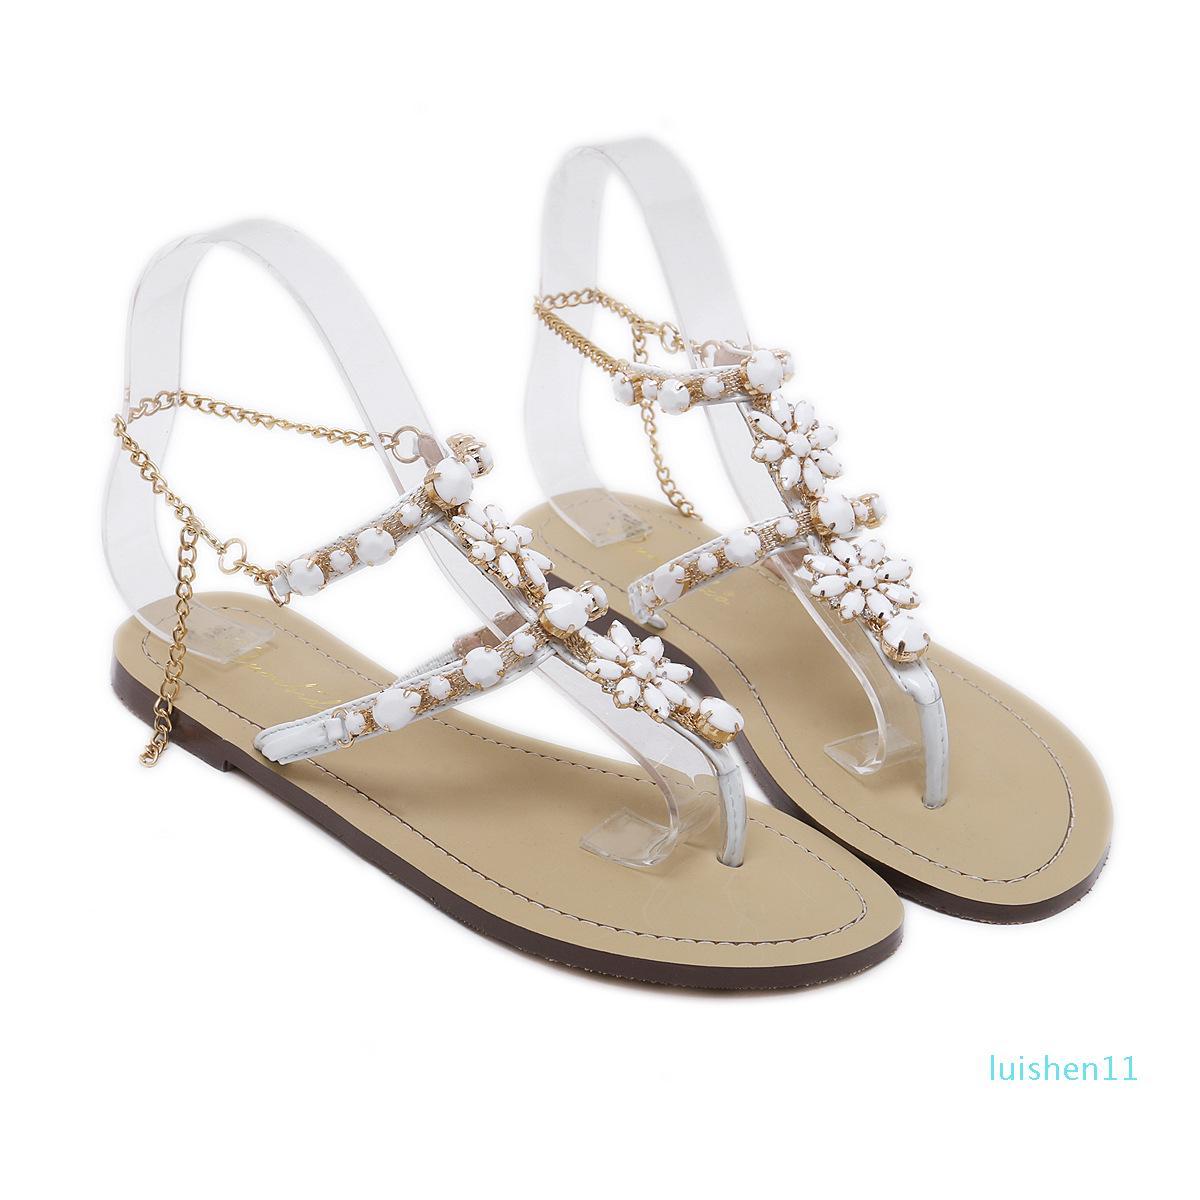 Superbe bling bling Femme Sandales Chaussures Femme Strass Porte-Thong Gladiator sandales plates en cristal plus Tenis Feminino Chaussure DF04